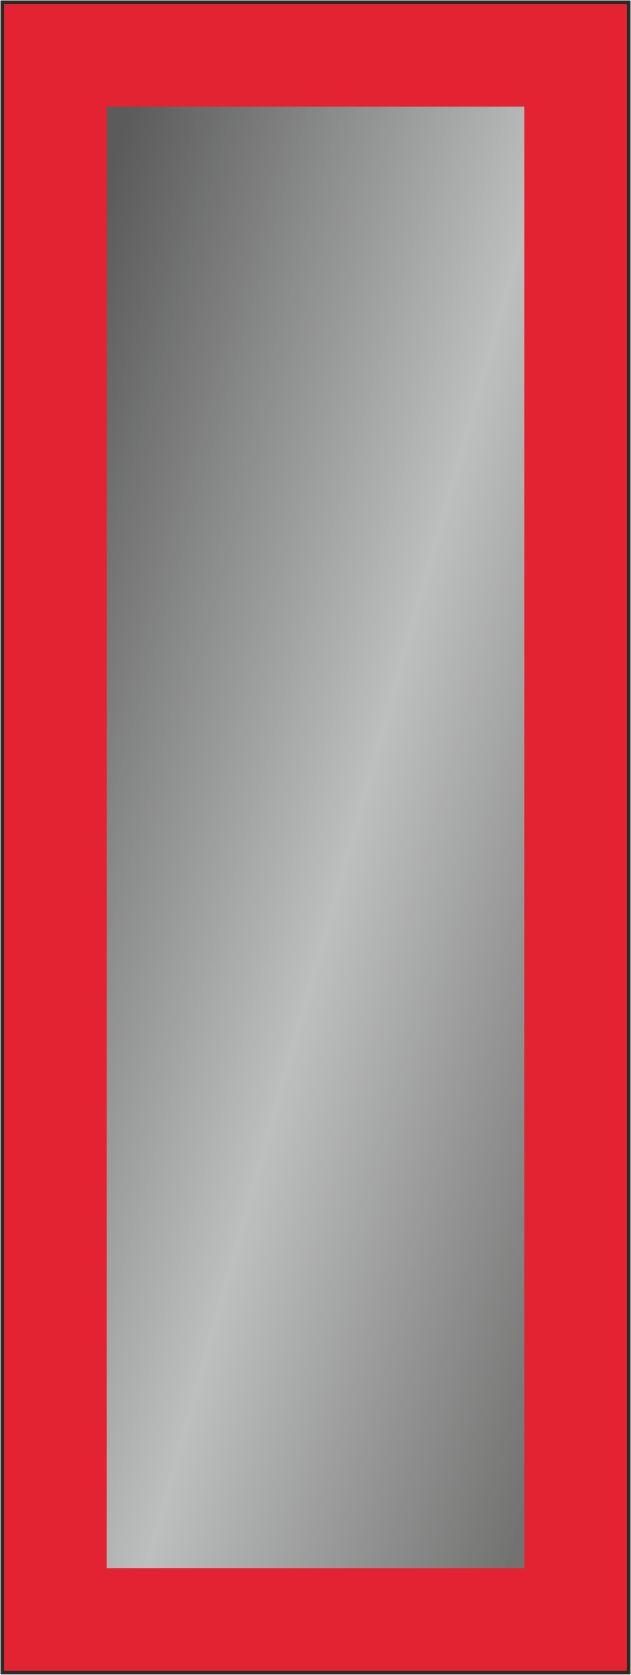 Зеркало прямоугольное  с пескоструйной обработкой  и покраской со стороны амальгамы